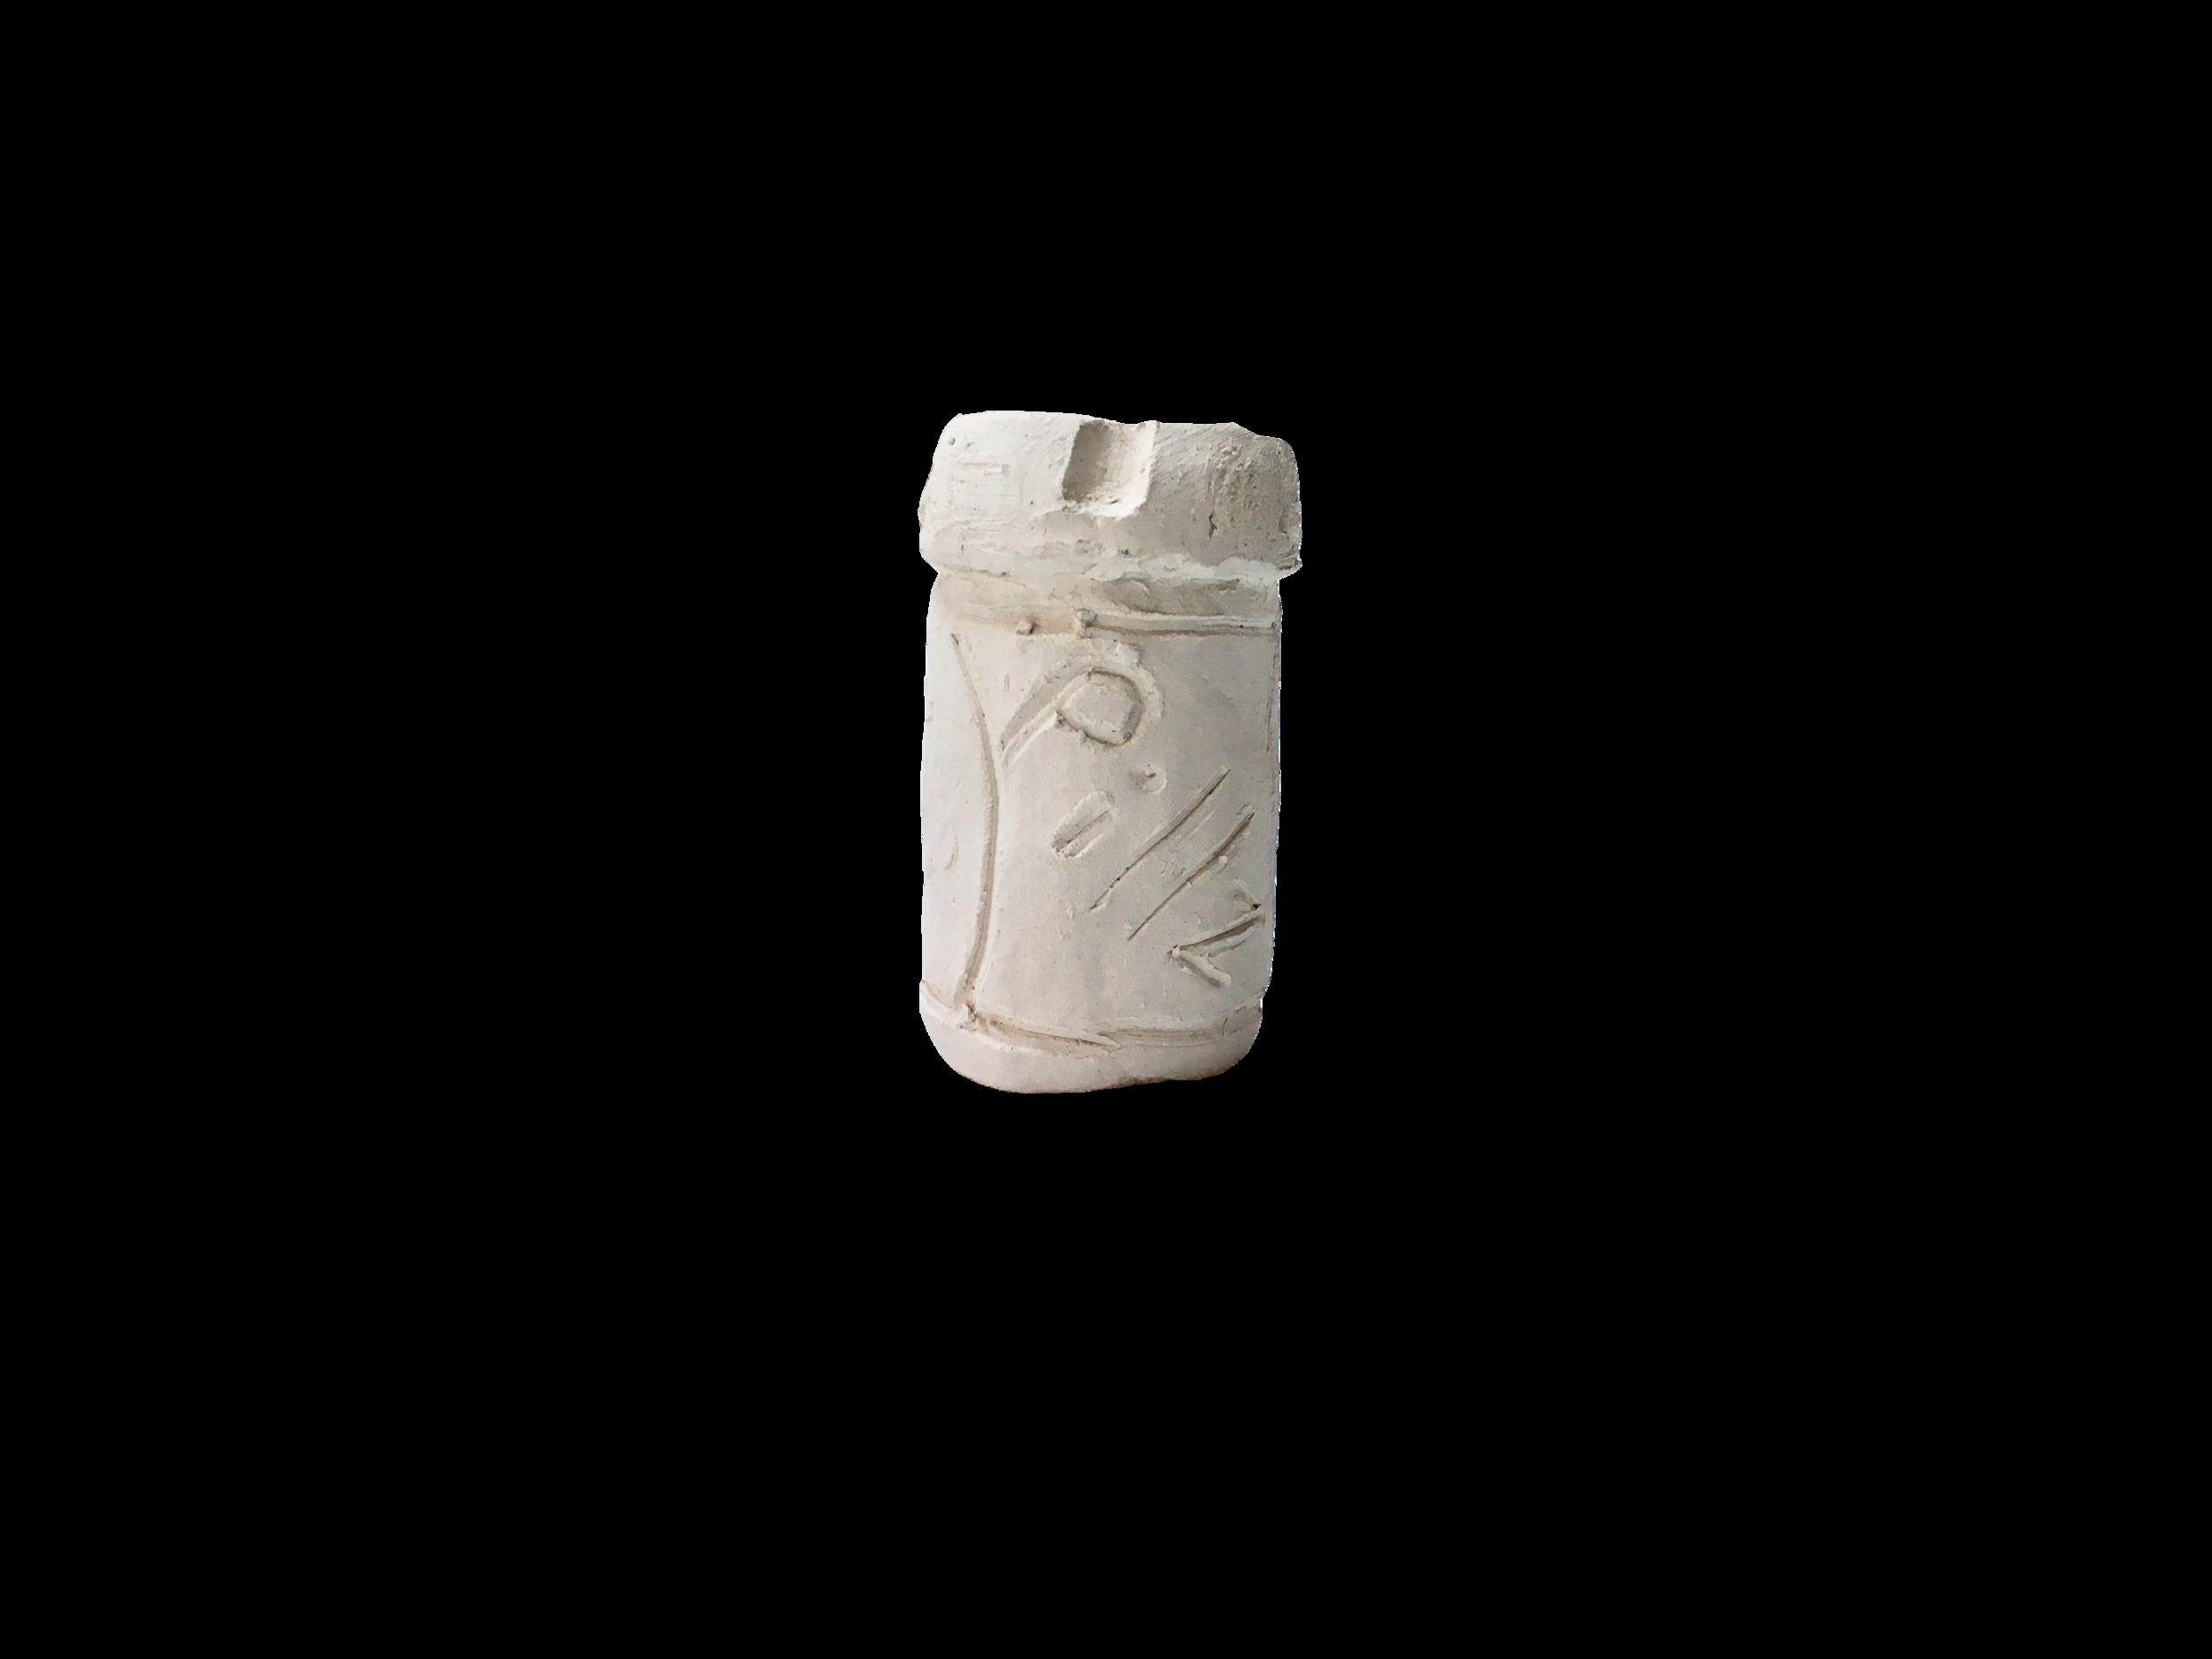 pill bottle_Sonoma_4.27.18_poli.png